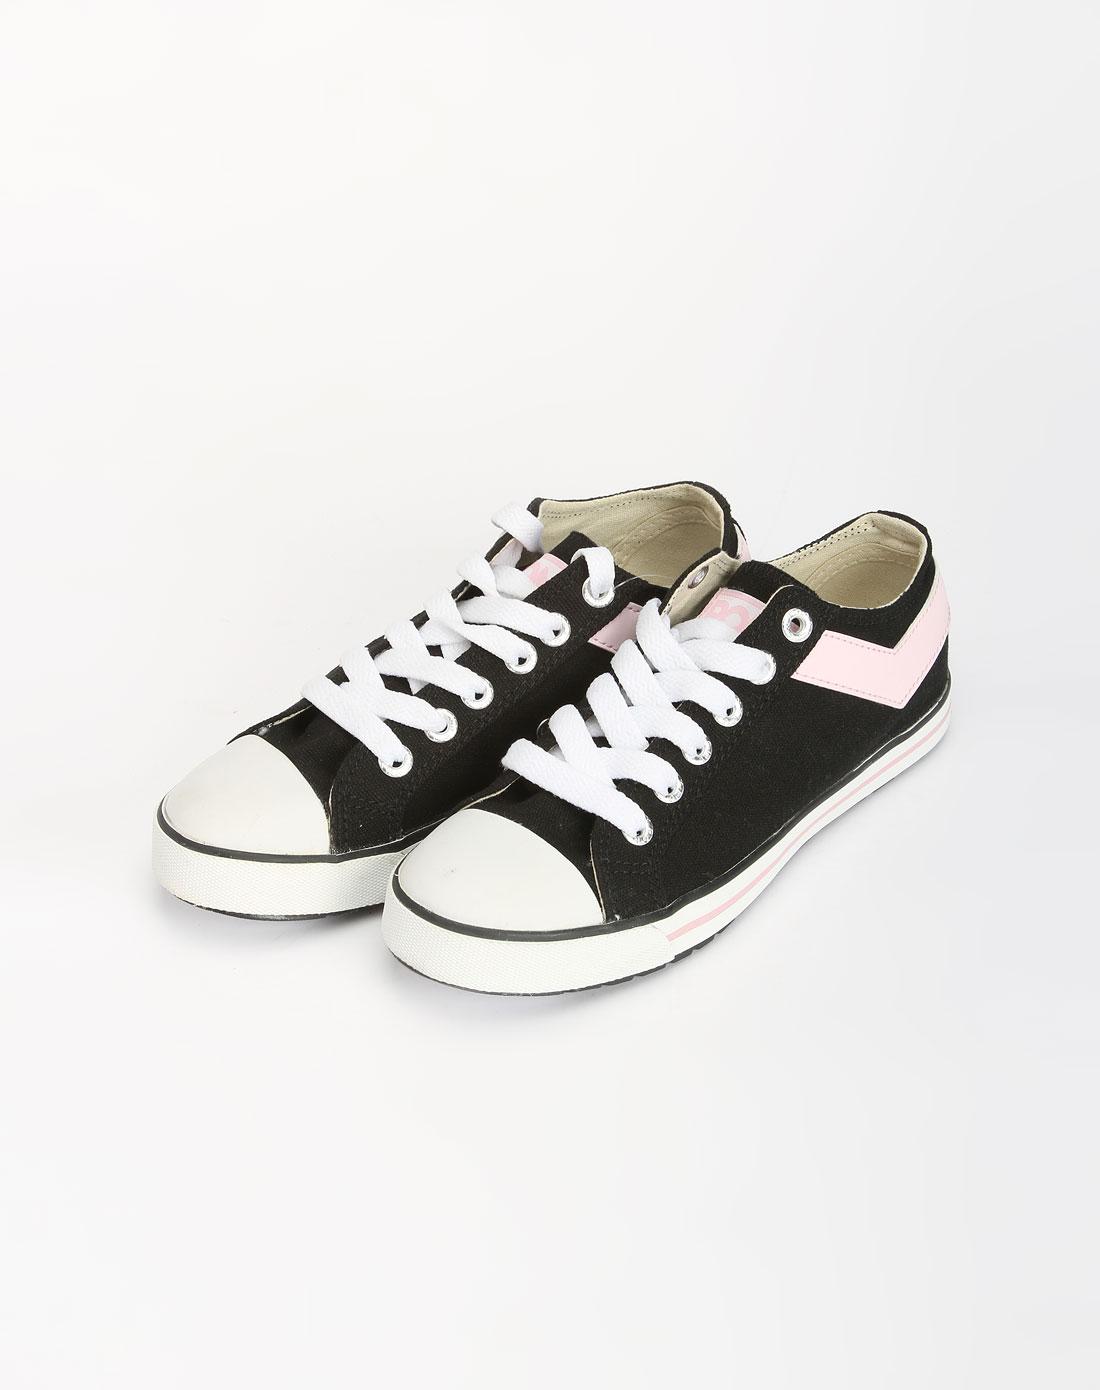 女款黑色/粉红色系带帆布鞋